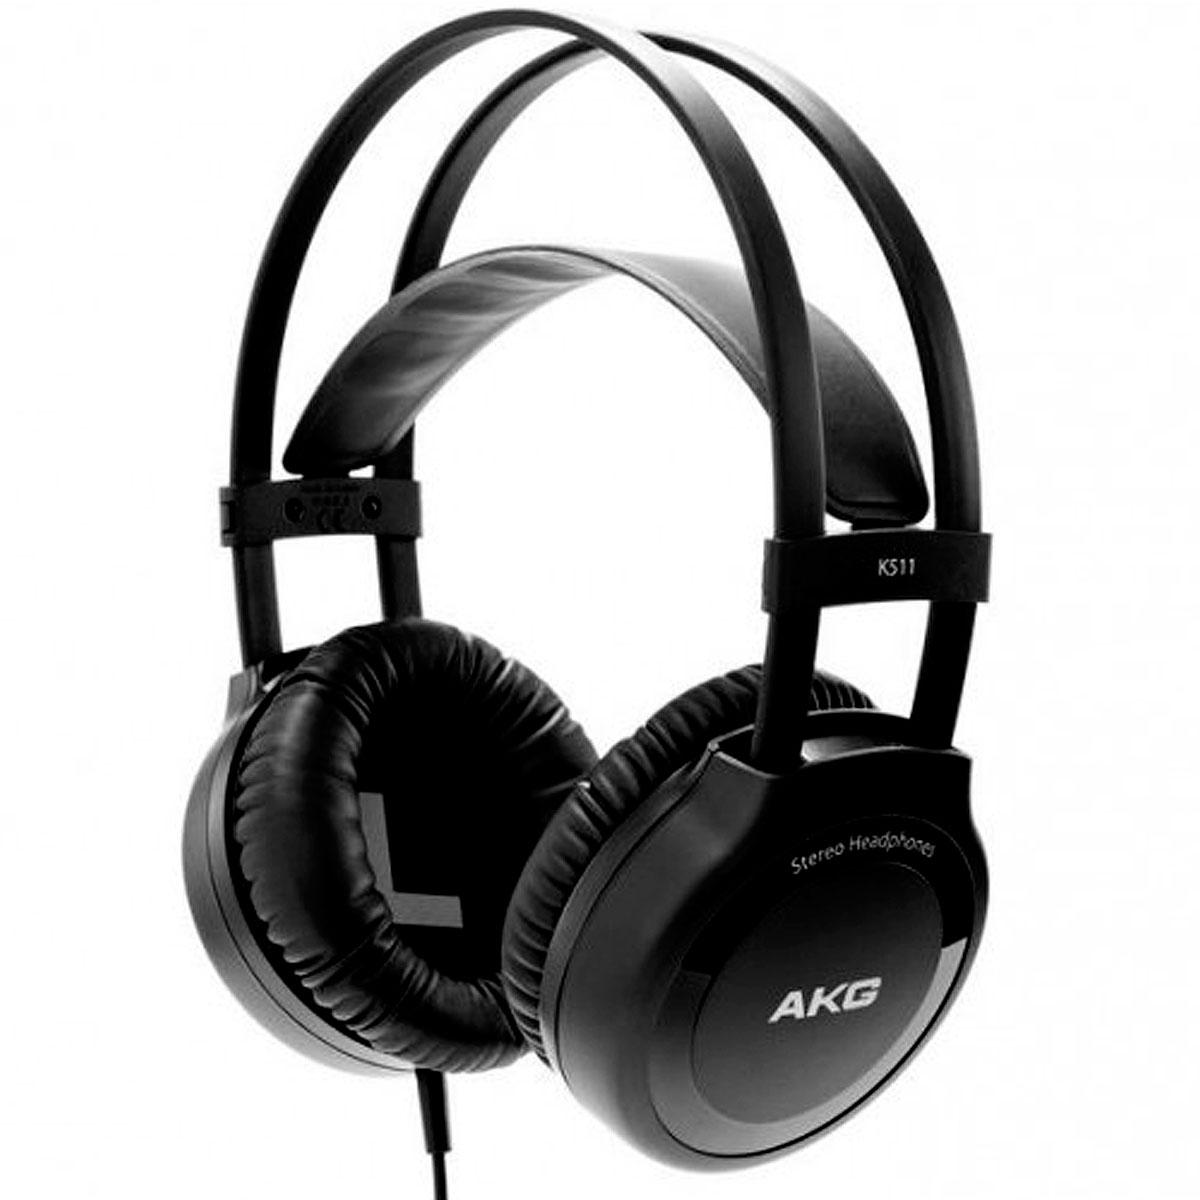 K511 - Fone de Ouvido Over-ear K 511 - AKG